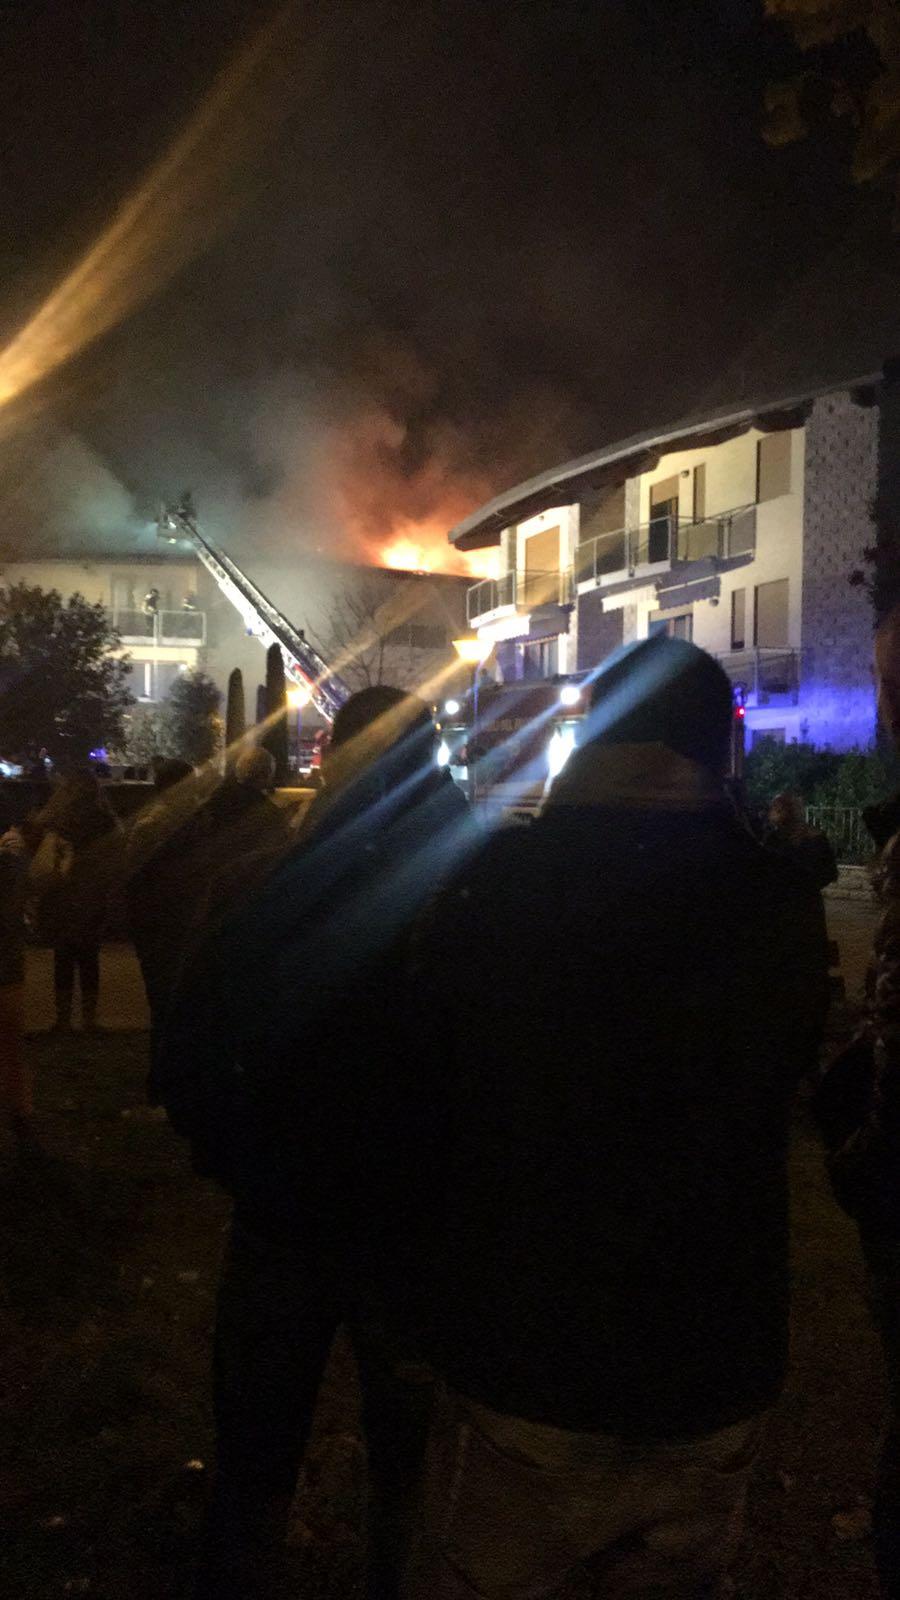 Fiamme a Rosia, in corso l'incendio del tetto di una casa